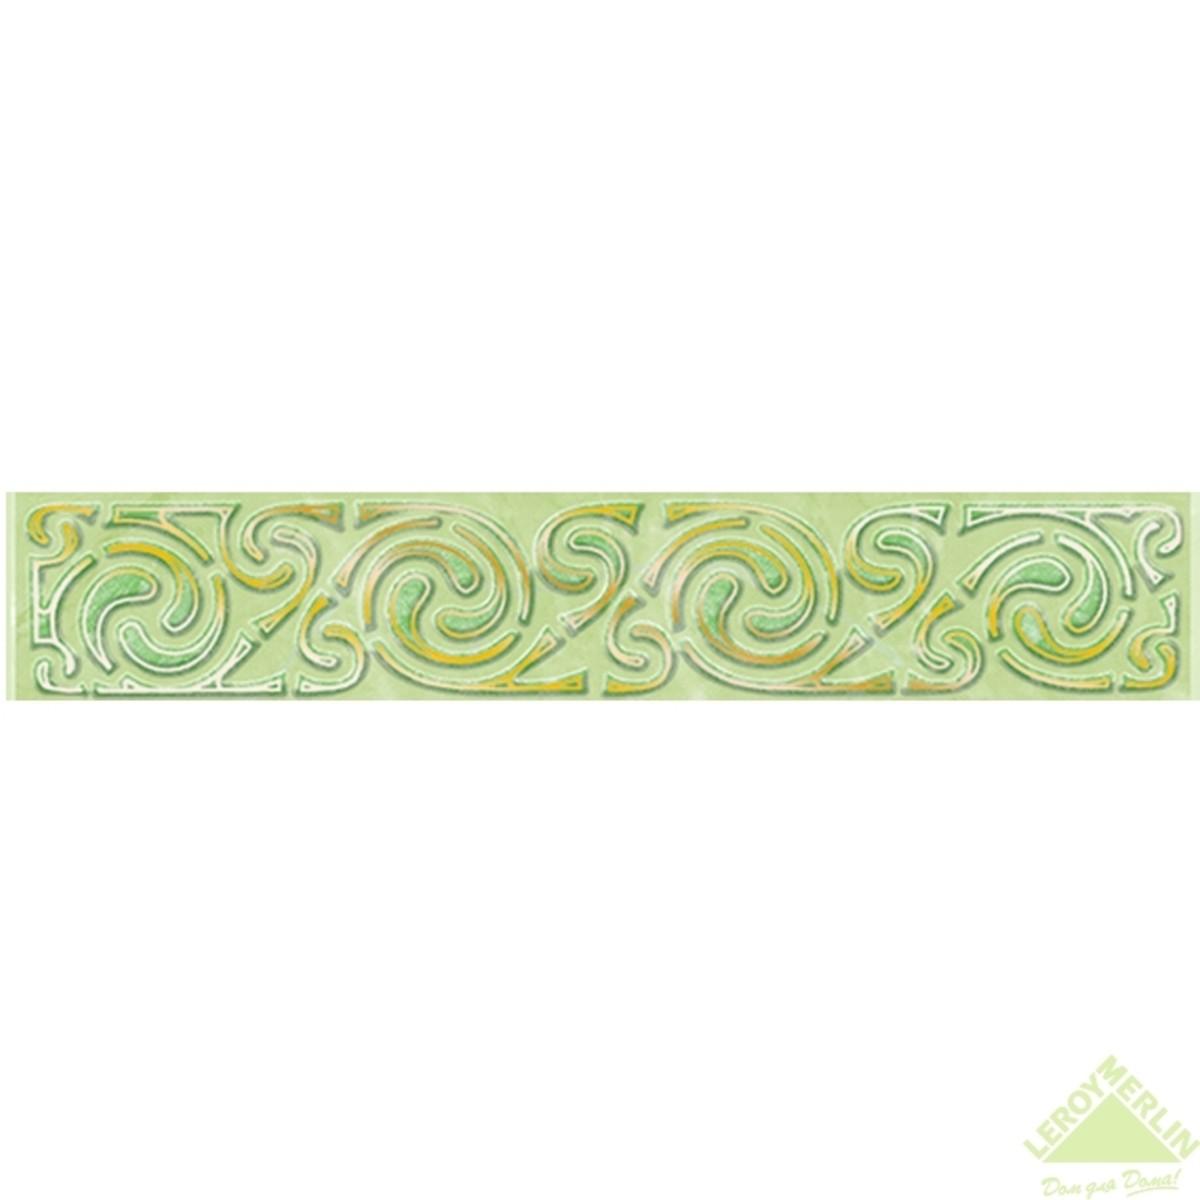 Бордюр декоративный для облицовки стен Веста С1 цвет салатовый 20х35 см